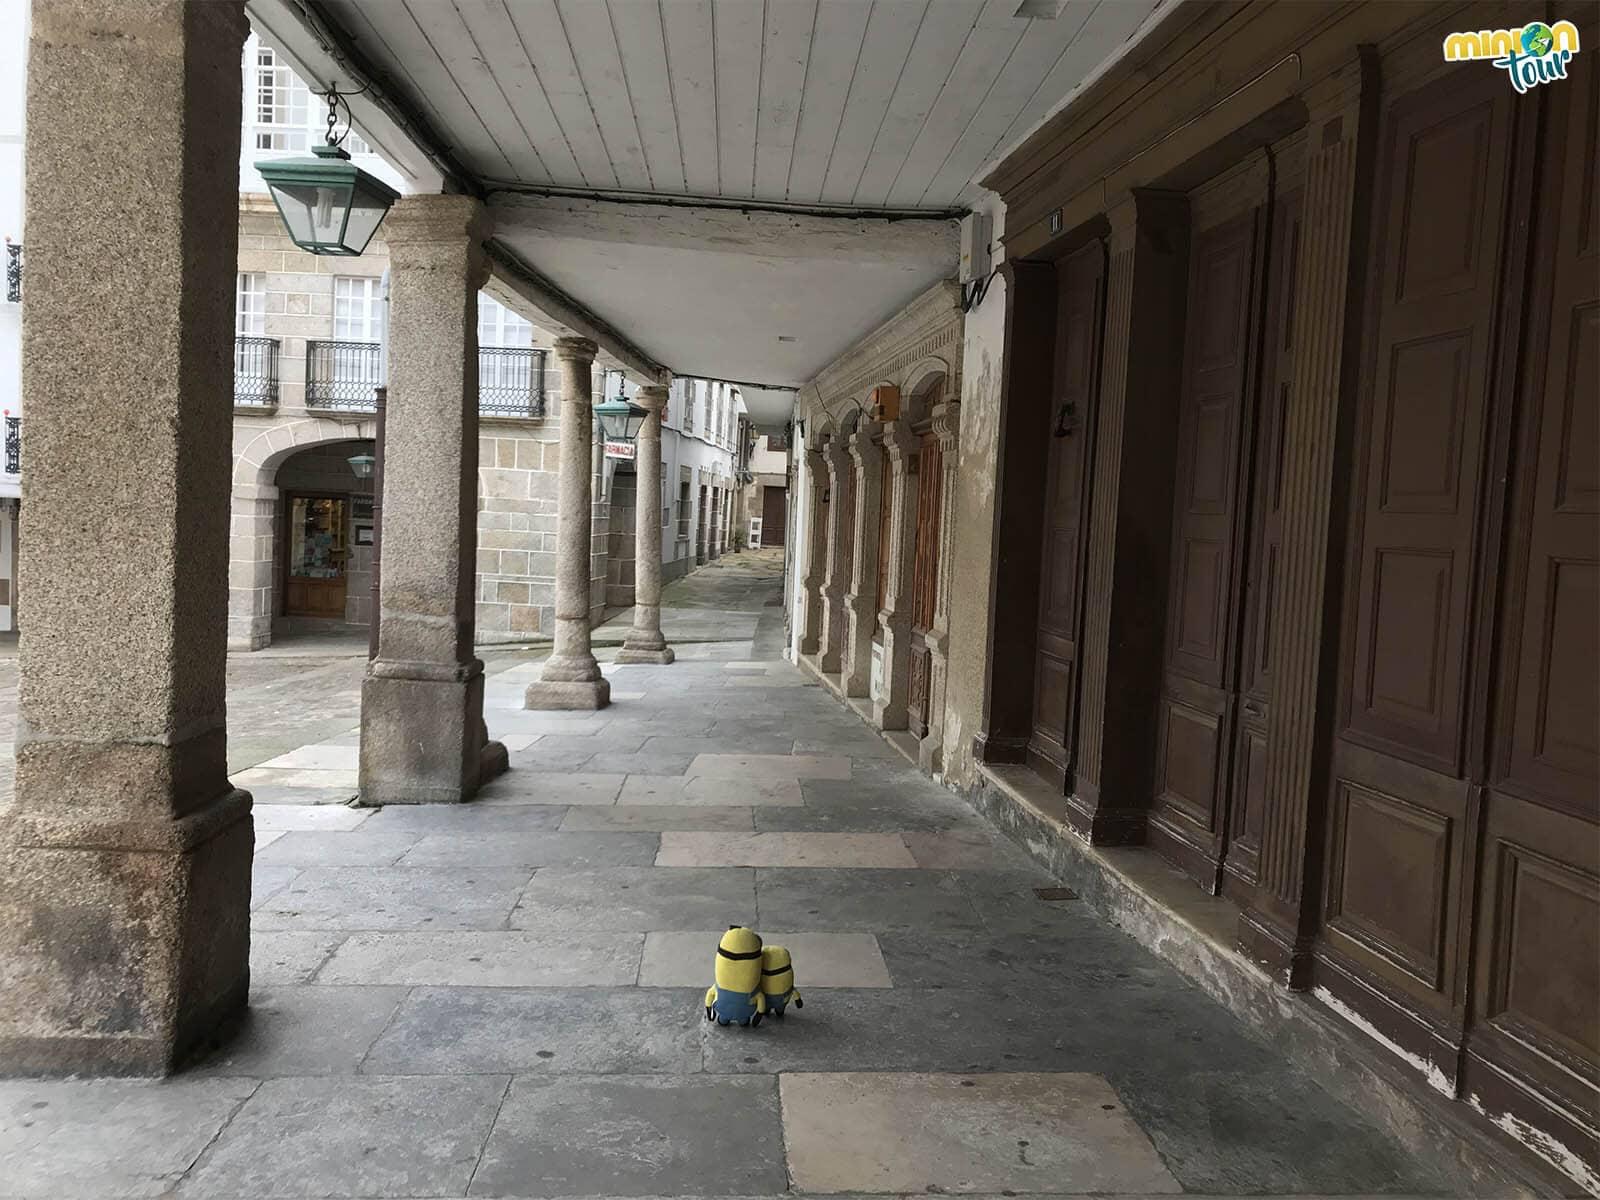 Estamos paseando por los soportales de la Plaza de la Catedral de Mondoñedo